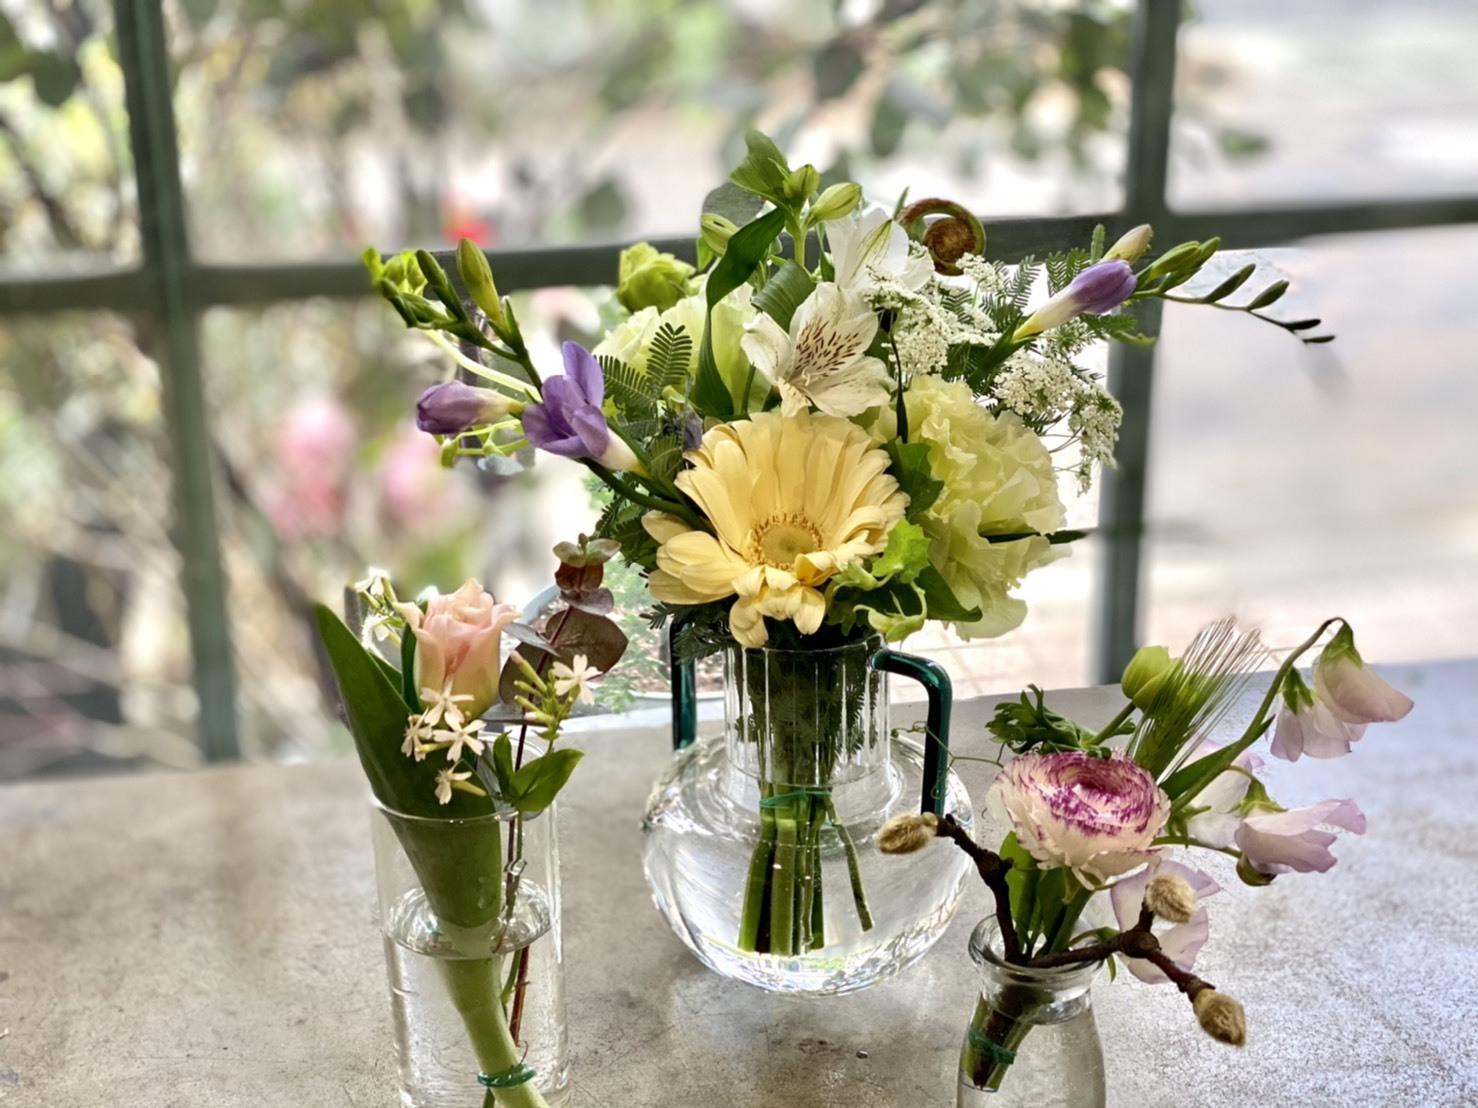 【おまかせ】季節のおまかせ ご自宅花瓶セット